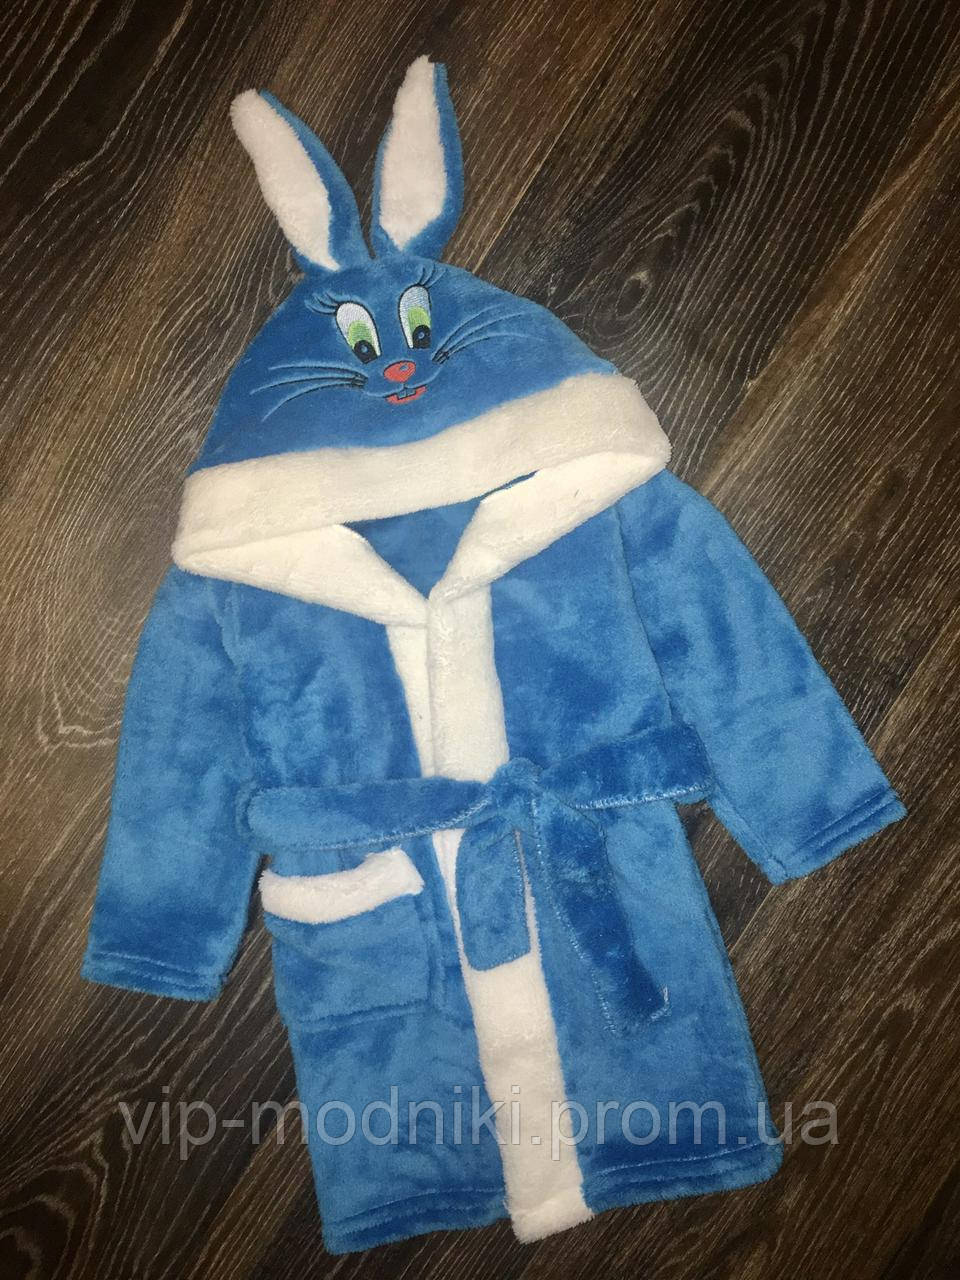 Халат детский теплый махровый с вышивкой зайка.